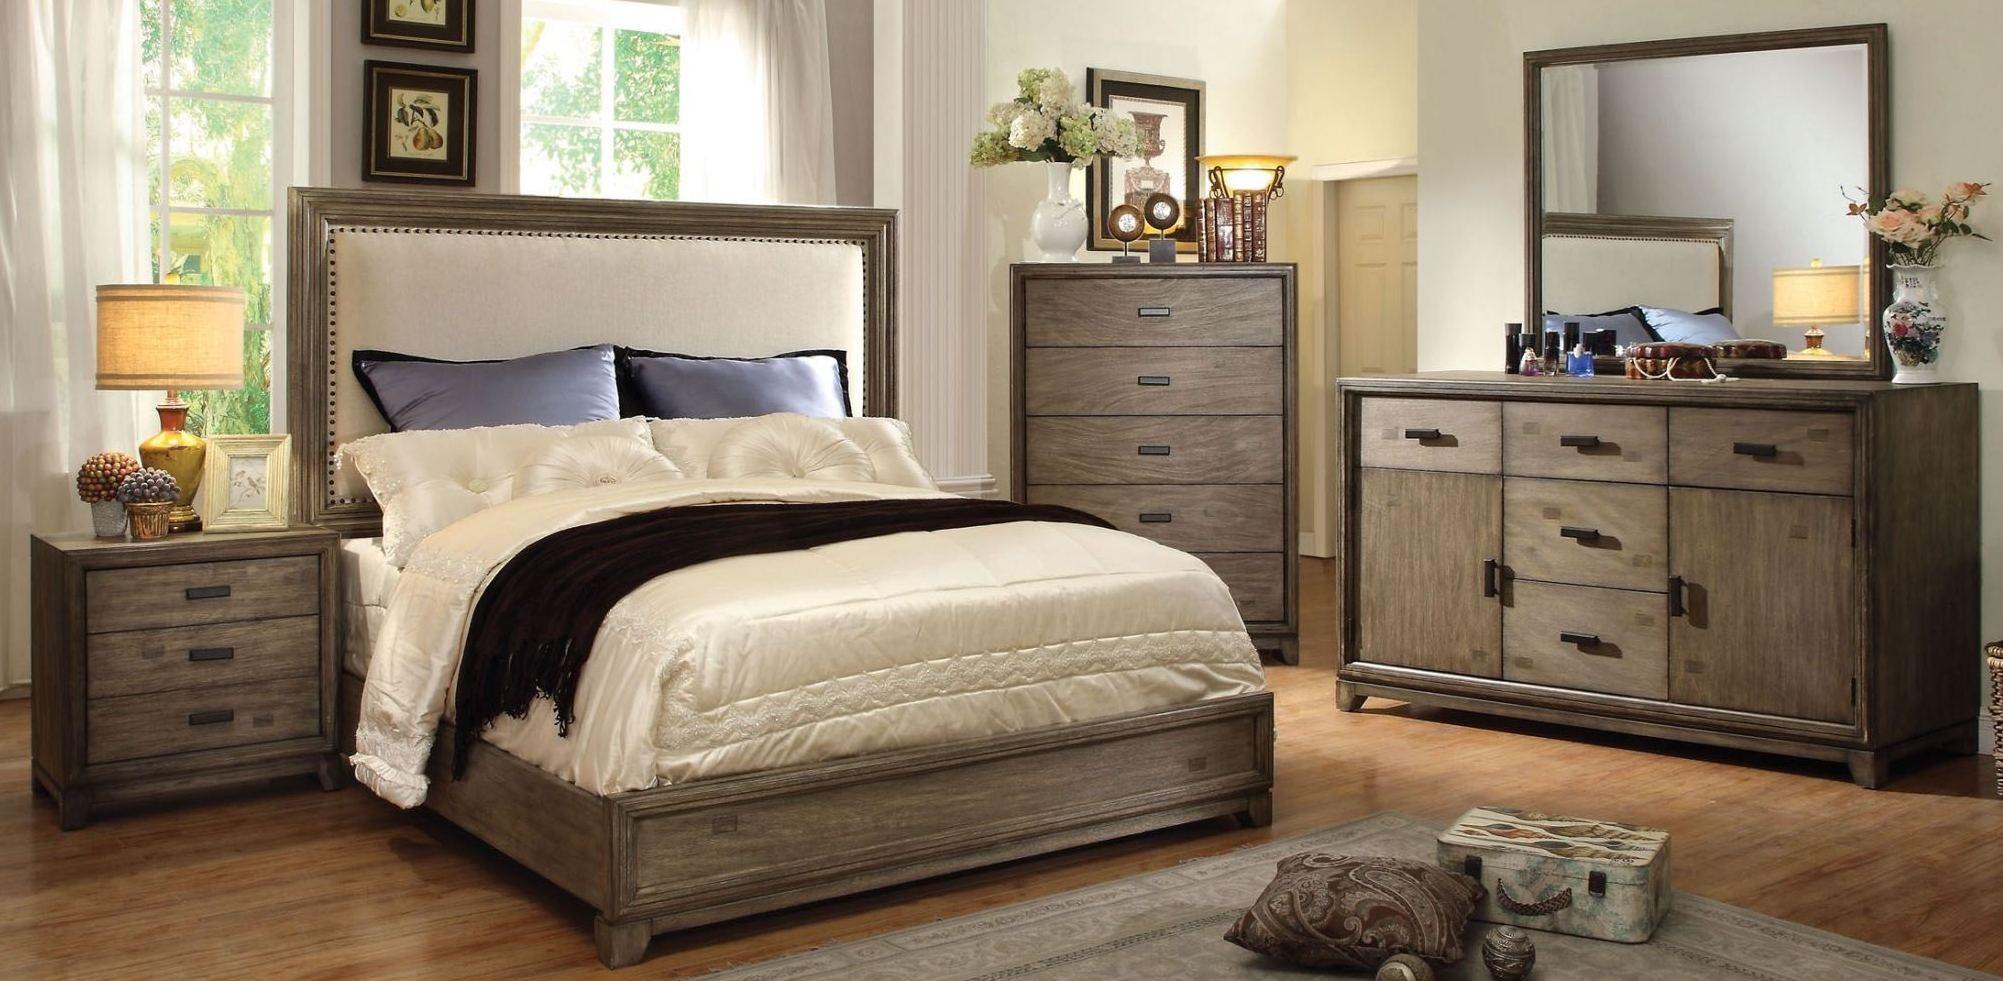 antler natural ash bedroom set from furniture of america cm7615q bed coleman furniture. Black Bedroom Furniture Sets. Home Design Ideas